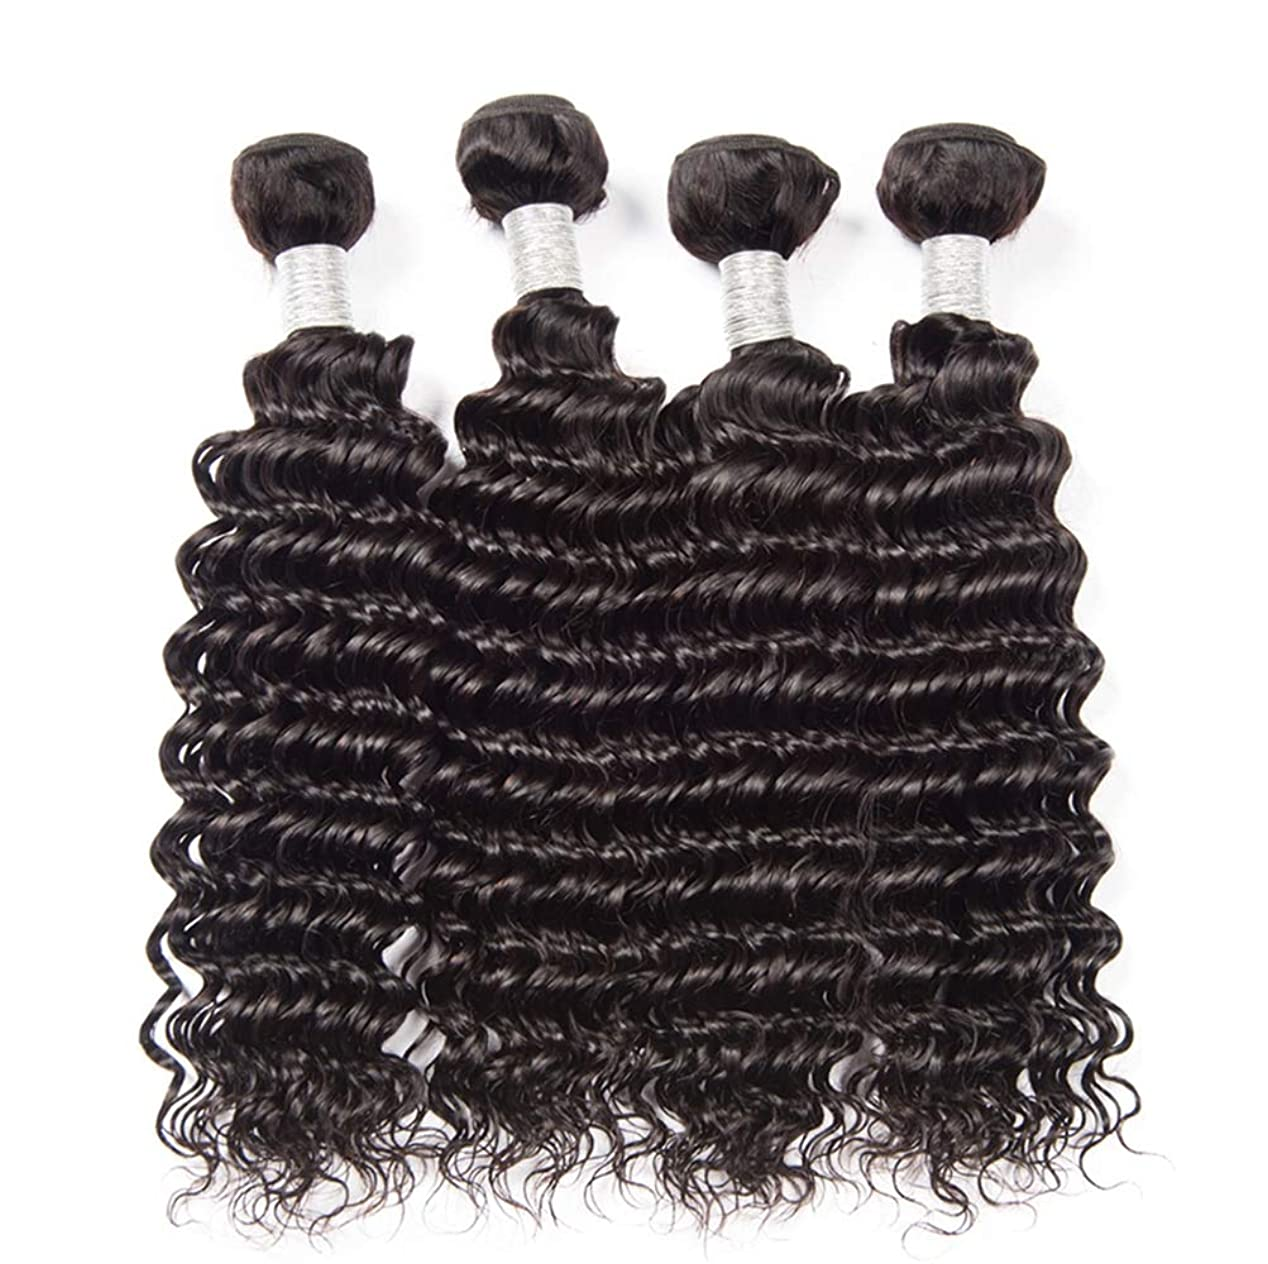 感じる休み絞る女性の髪織り密度150%ブラジル水の波髪1バンドル未処理のバージン人毛エクステンションブラジルの髪